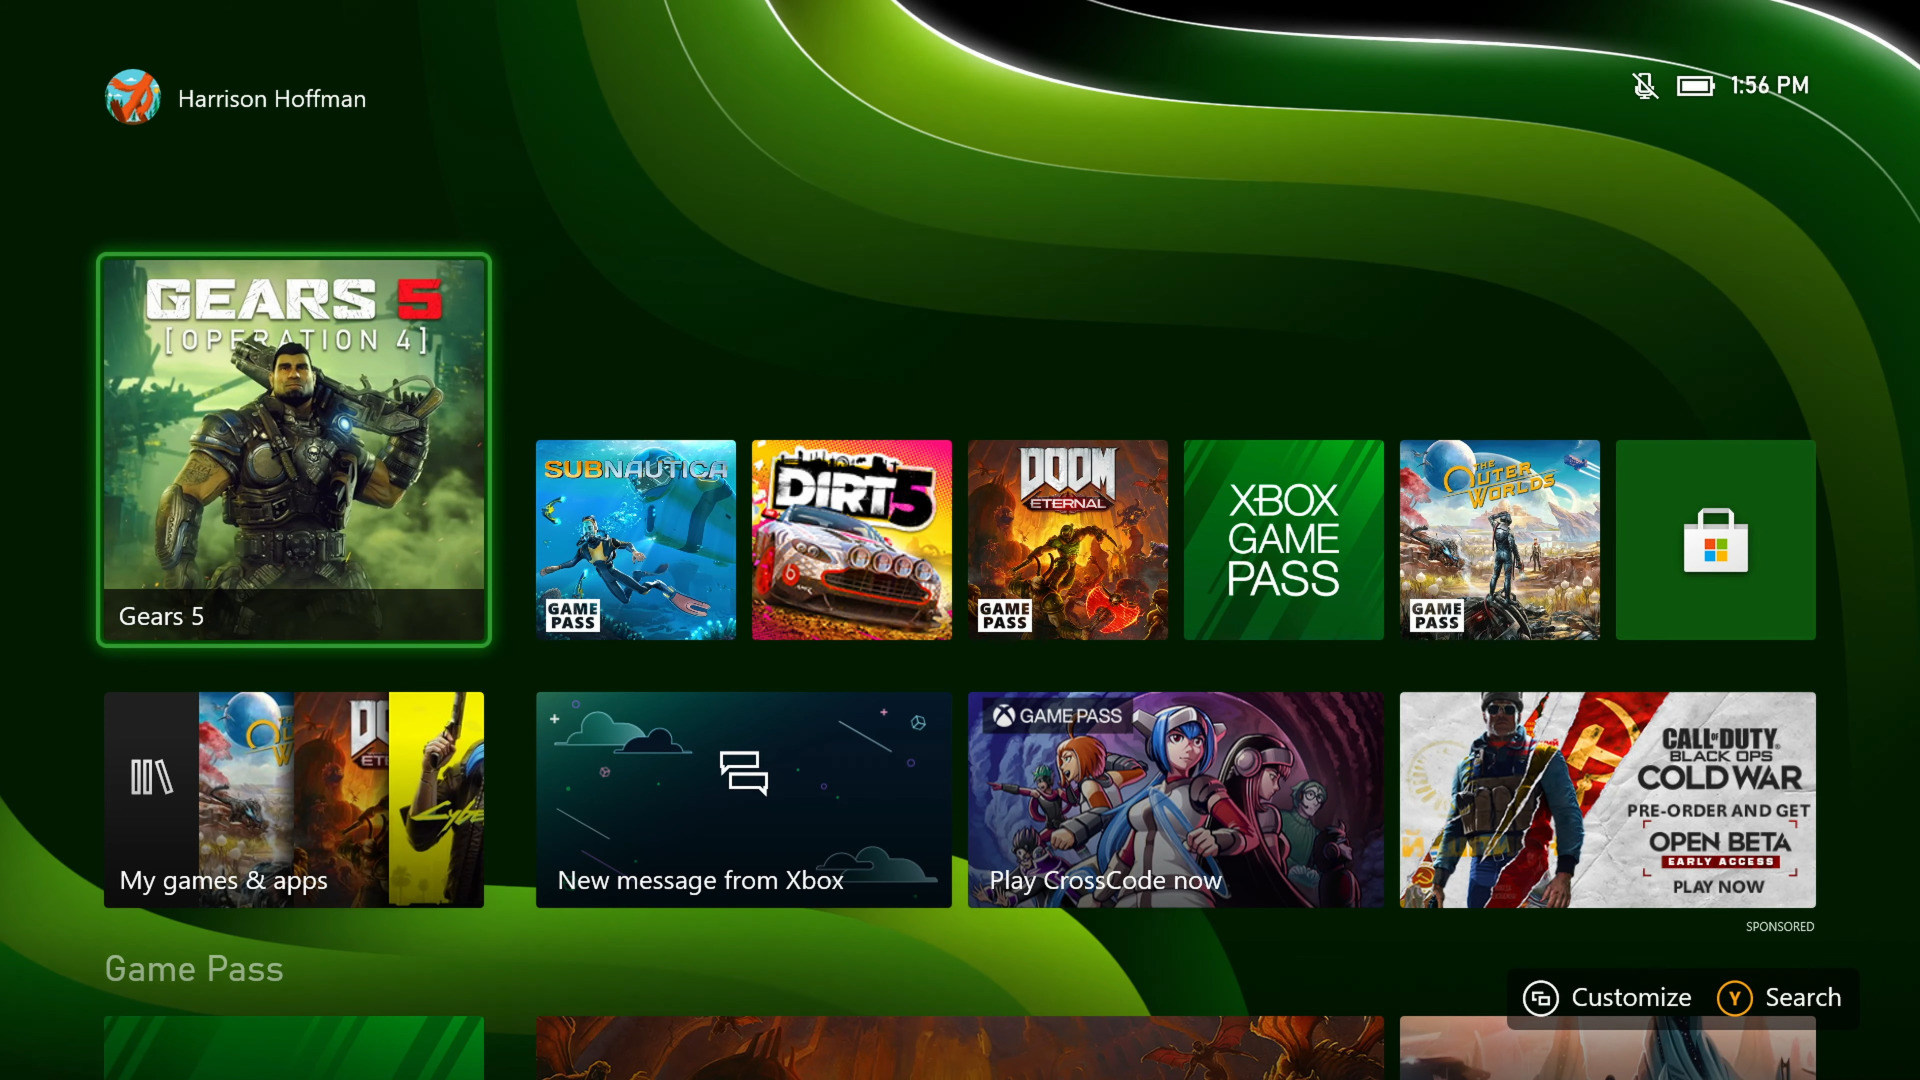 Microsoft, Gaming, Konsole, Xbox, Konsolen, Hardware, Xbox Series X, Xbox Series S, Microsoft Xbox Series X, Series X